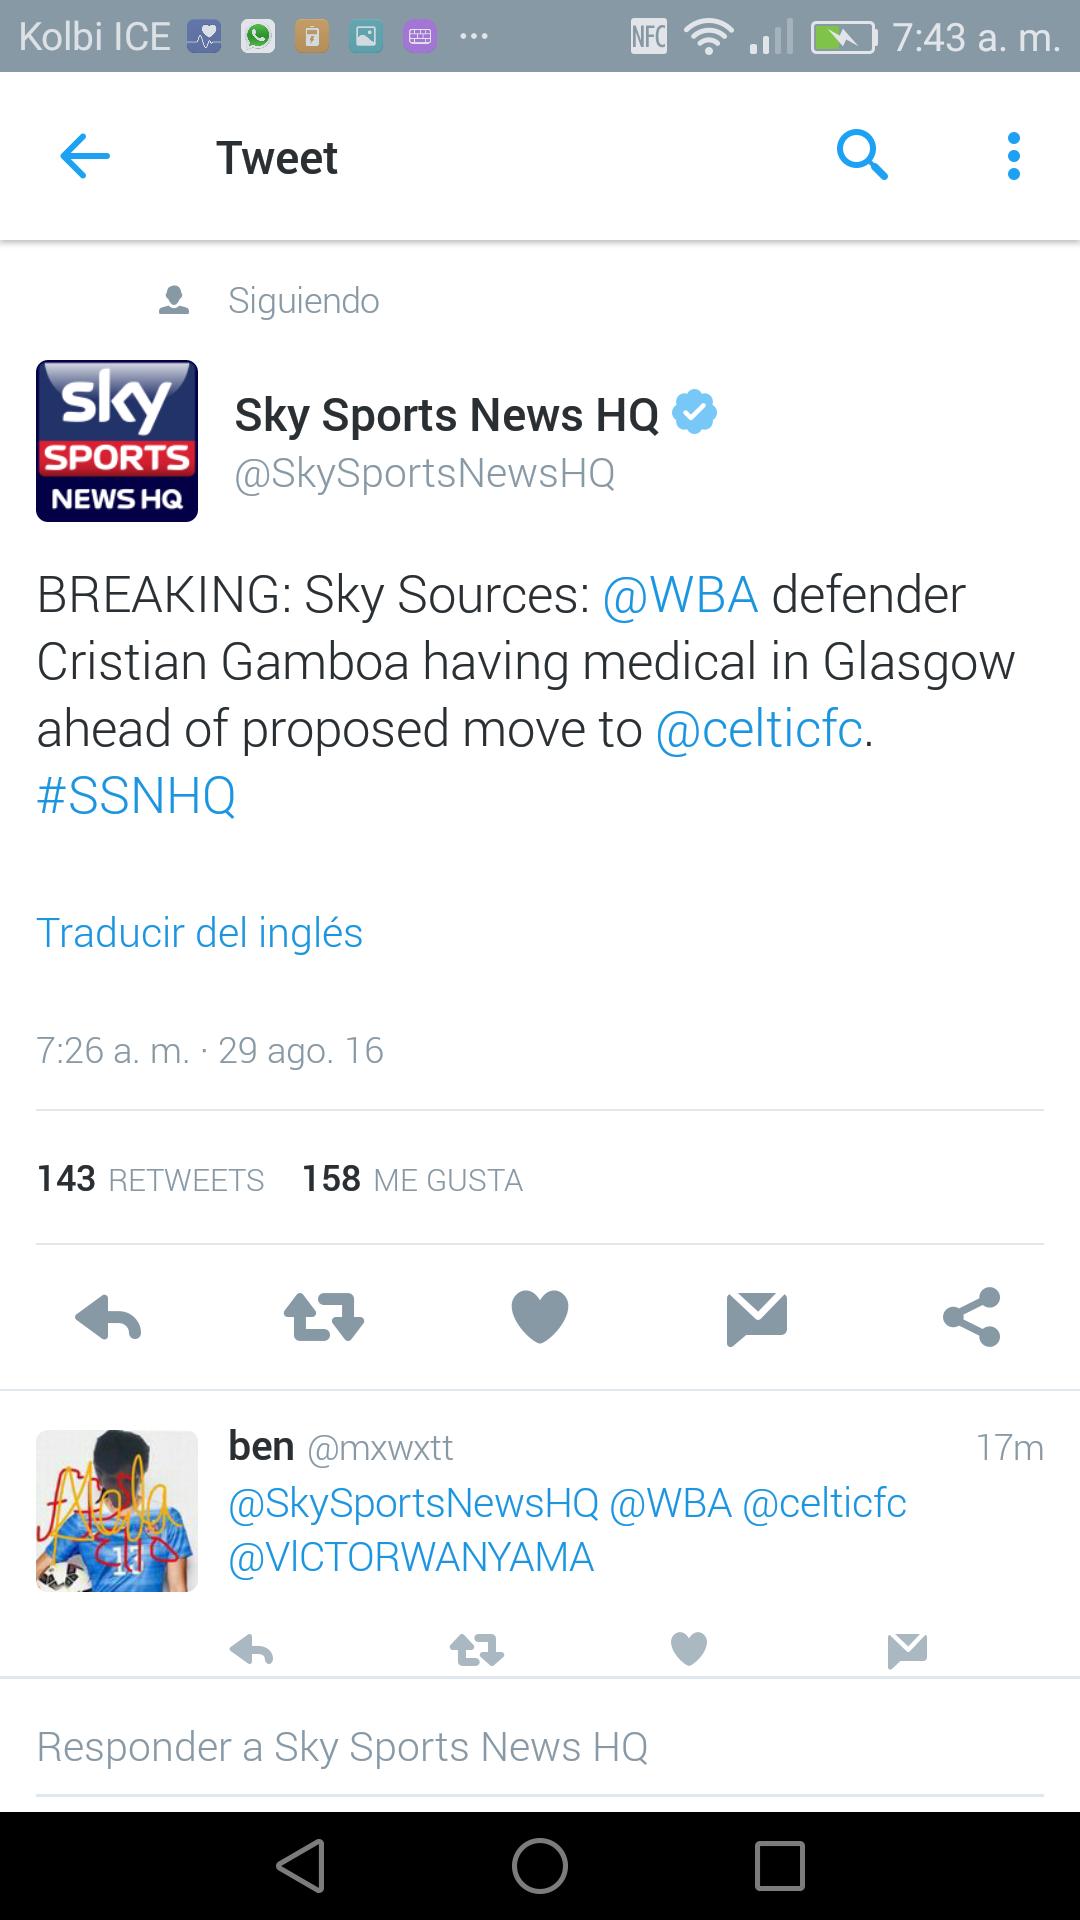 Twitter oficial de la cadena SKY Sports.